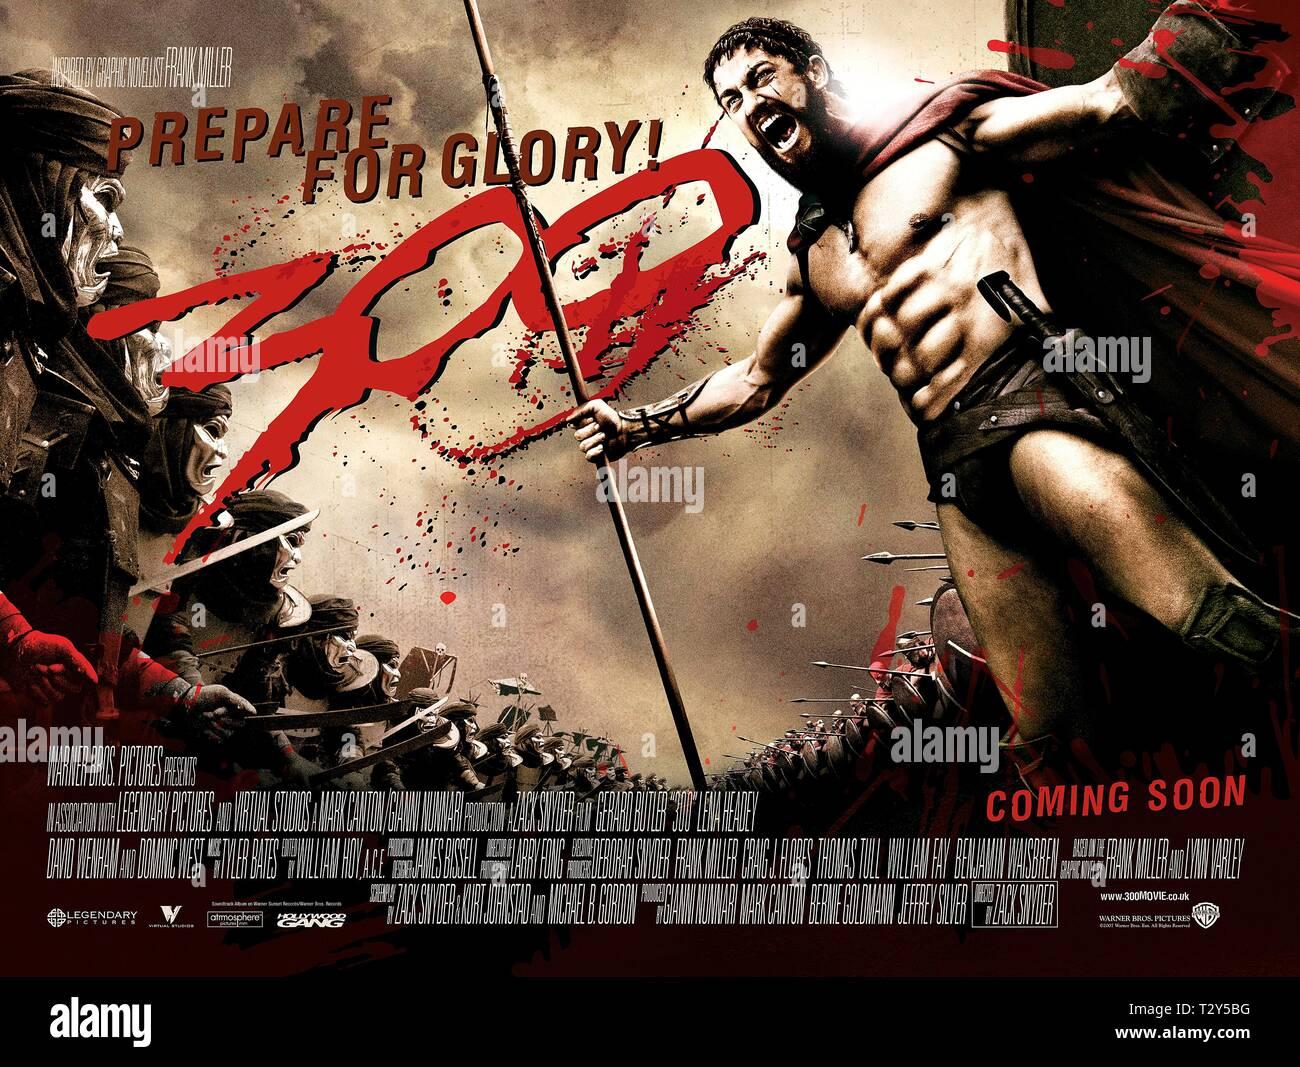 300 movie poster stockfotos und bilder